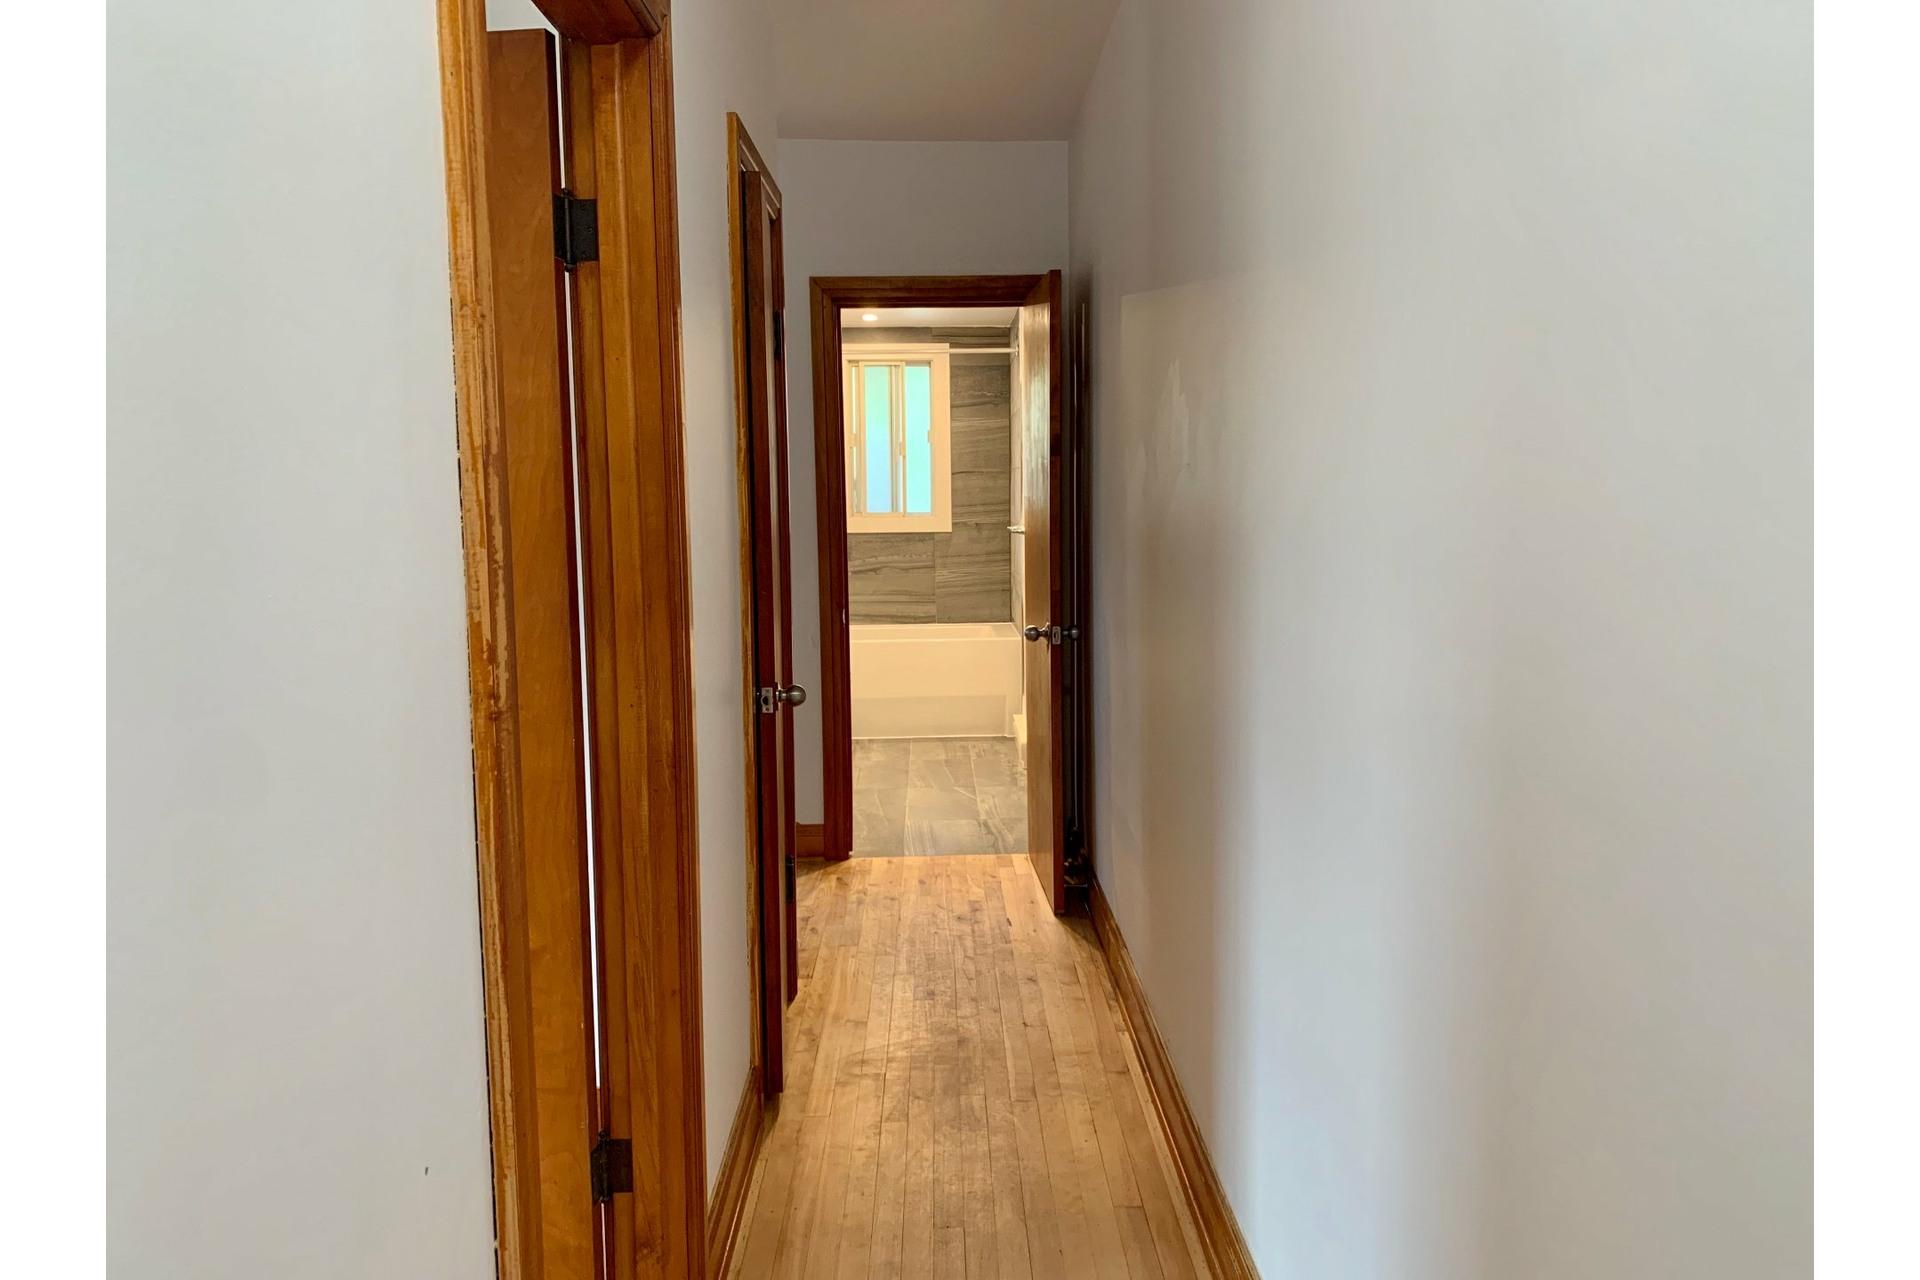 image 10 - Appartement À louer Villeray/Saint-Michel/Parc-Extension Montréal  - 3 pièces